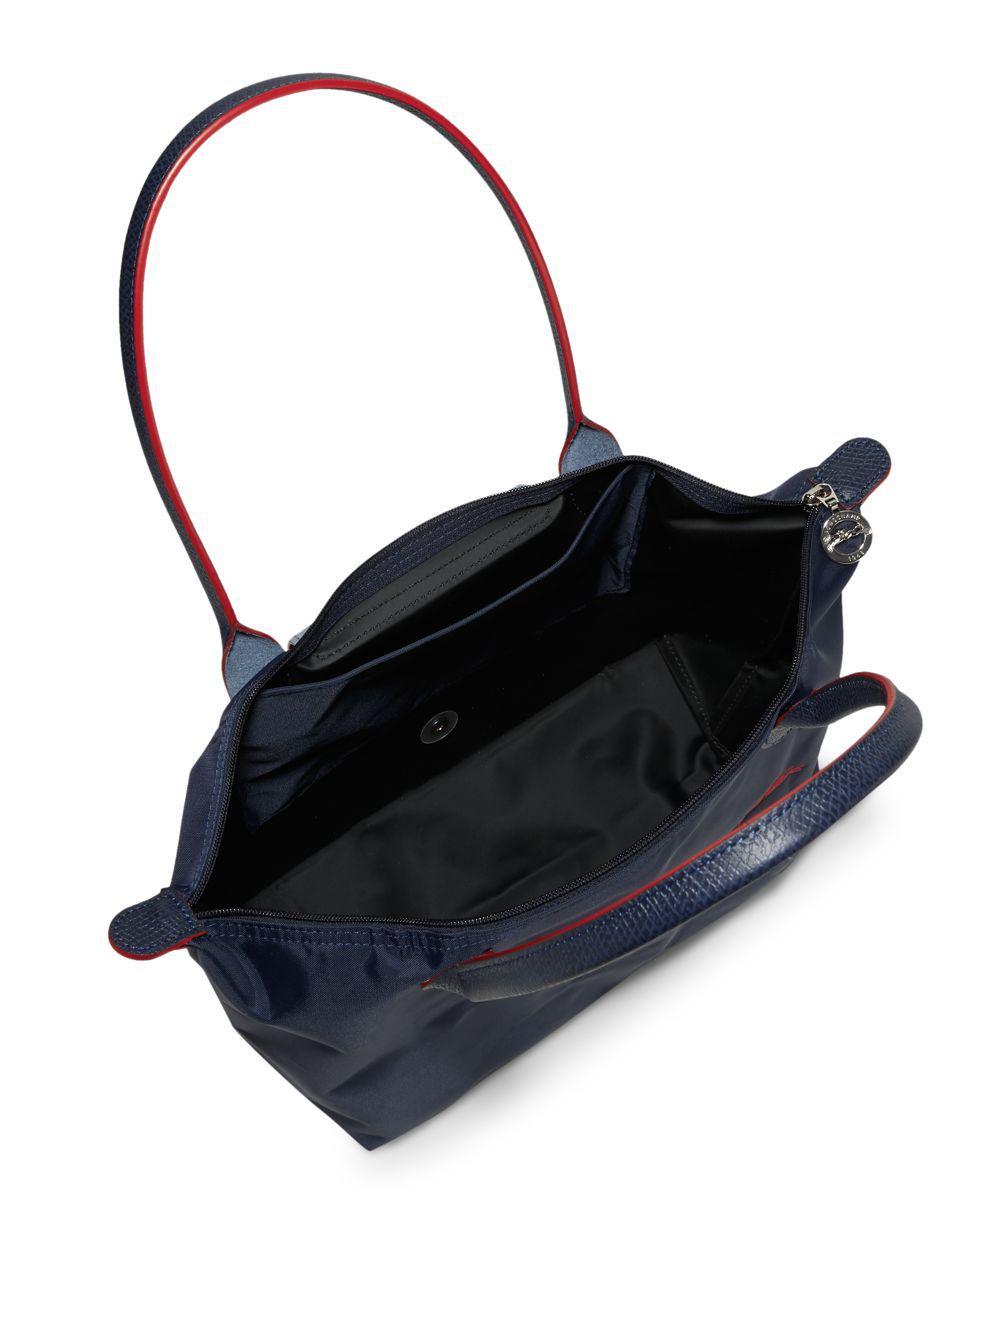 ad0907c40e5f Longchamp Le Pliage Club Tote in Blue - Lyst